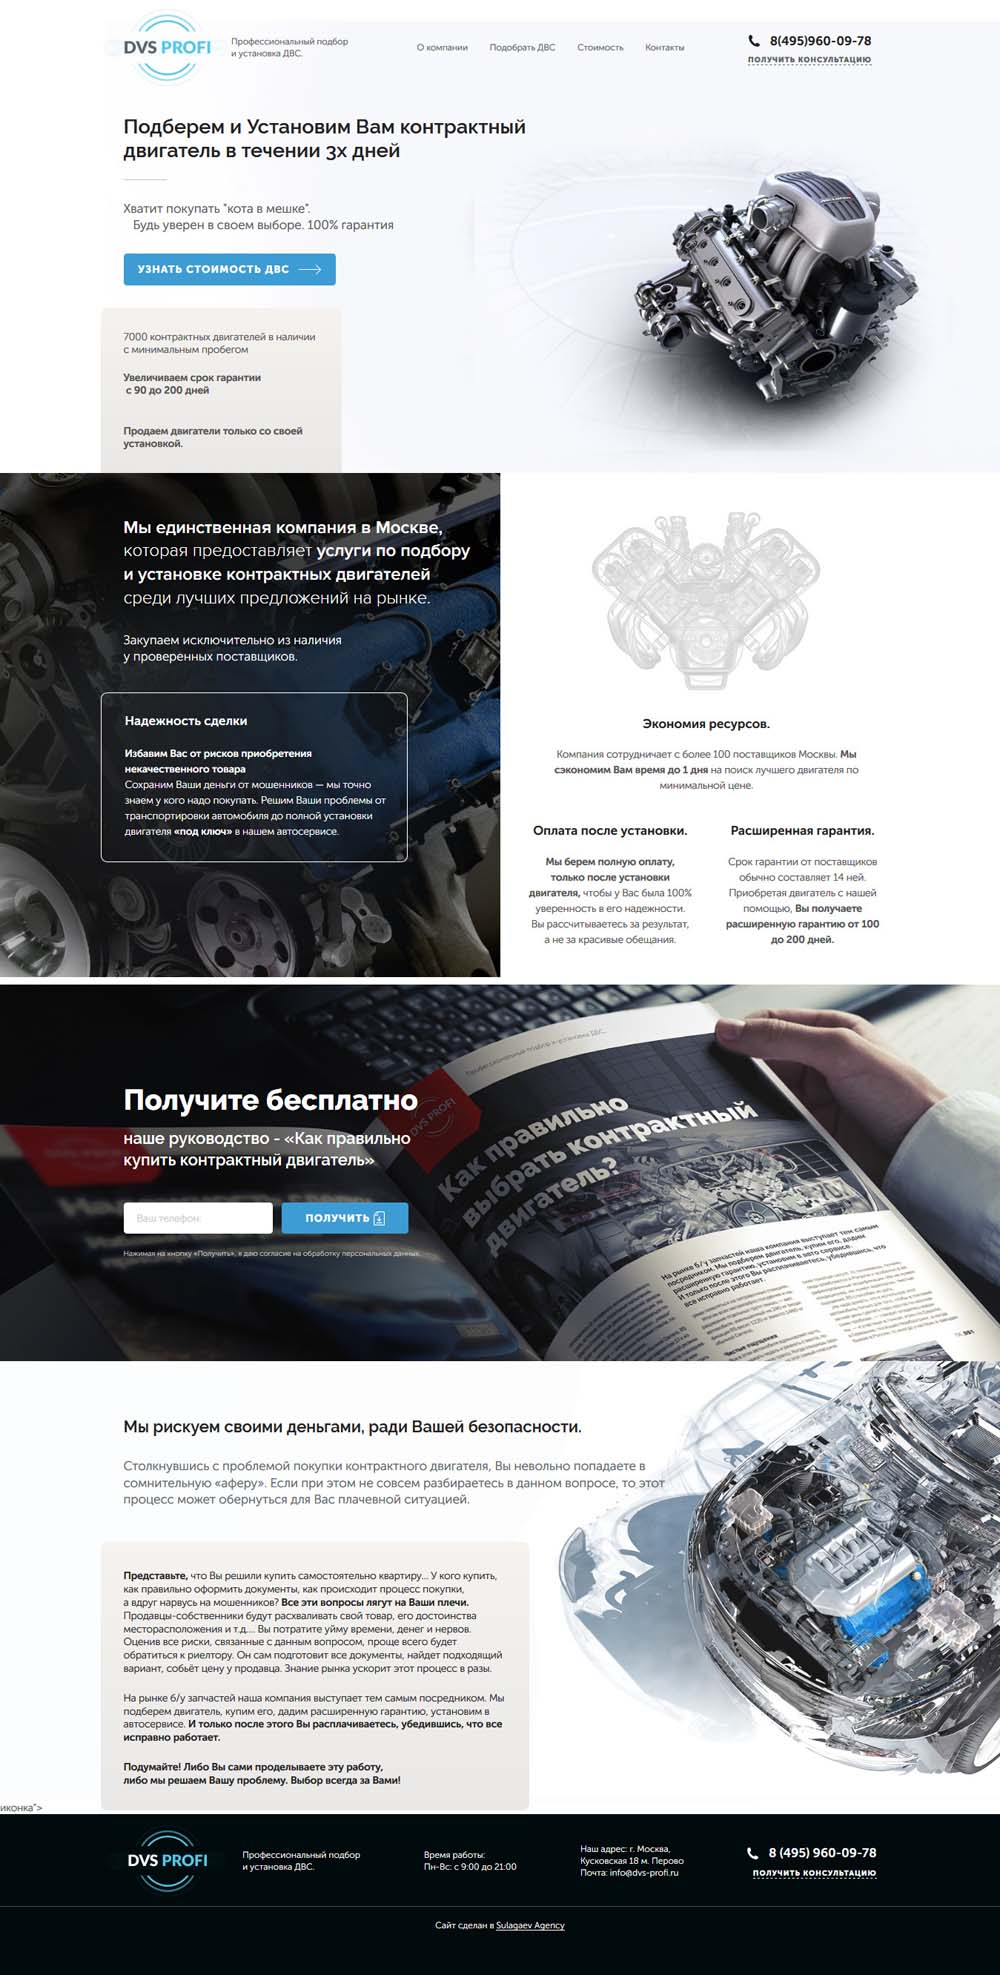 Шаблон лендинга: Подбор контрактных двигателей